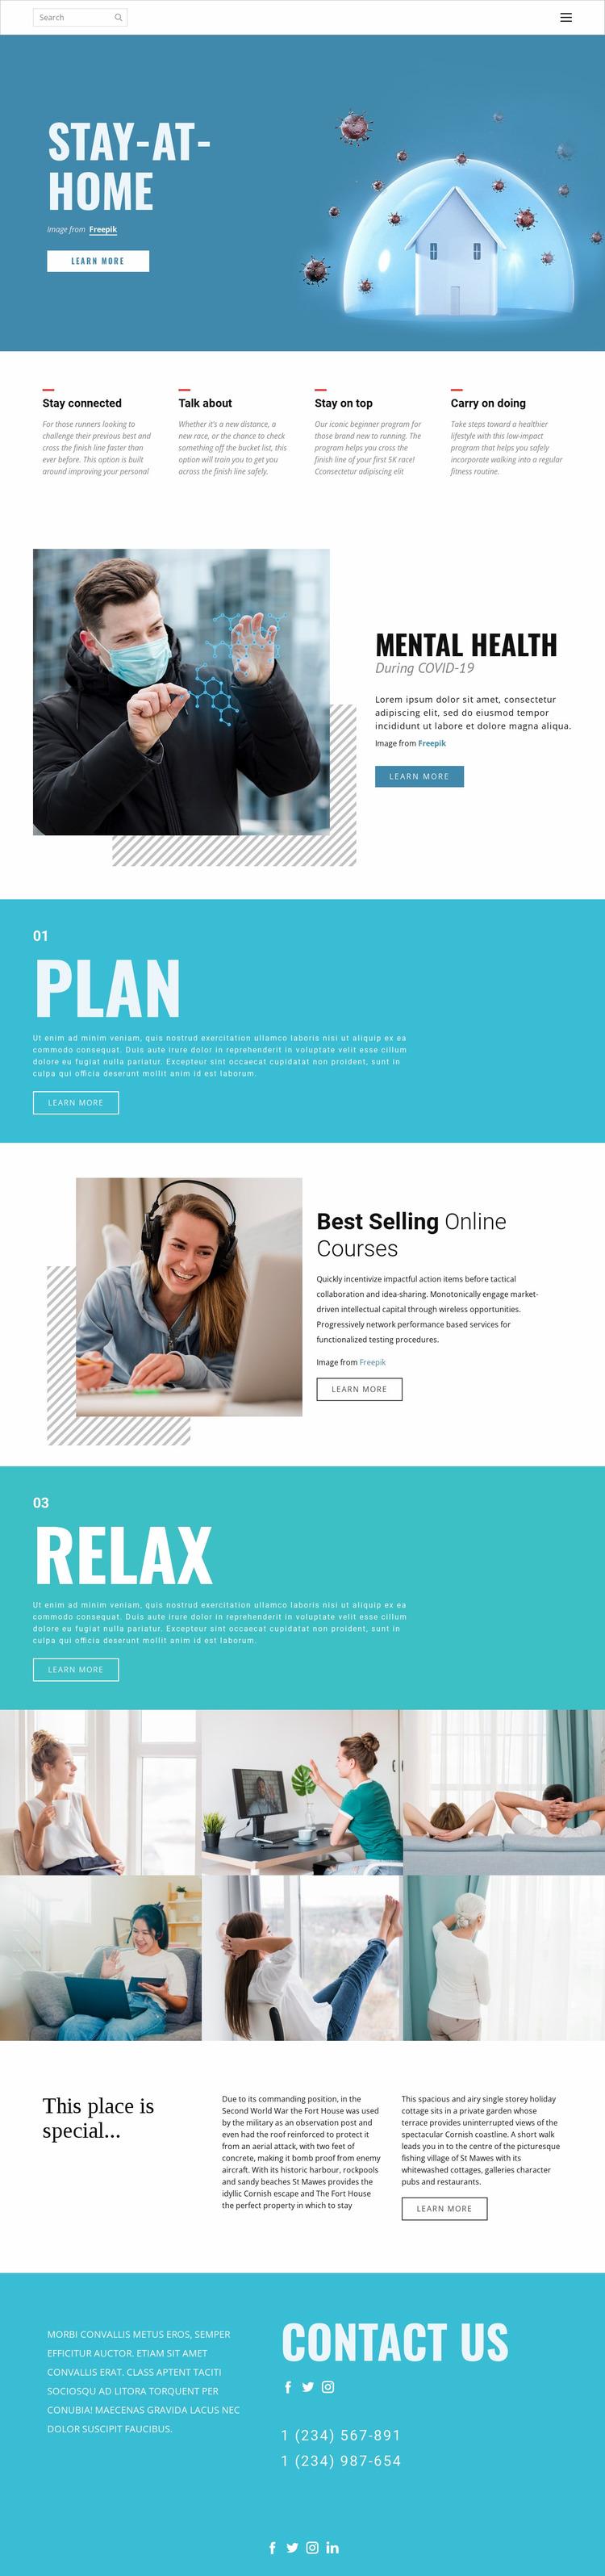 Stay-at-home medicine Website Mockup